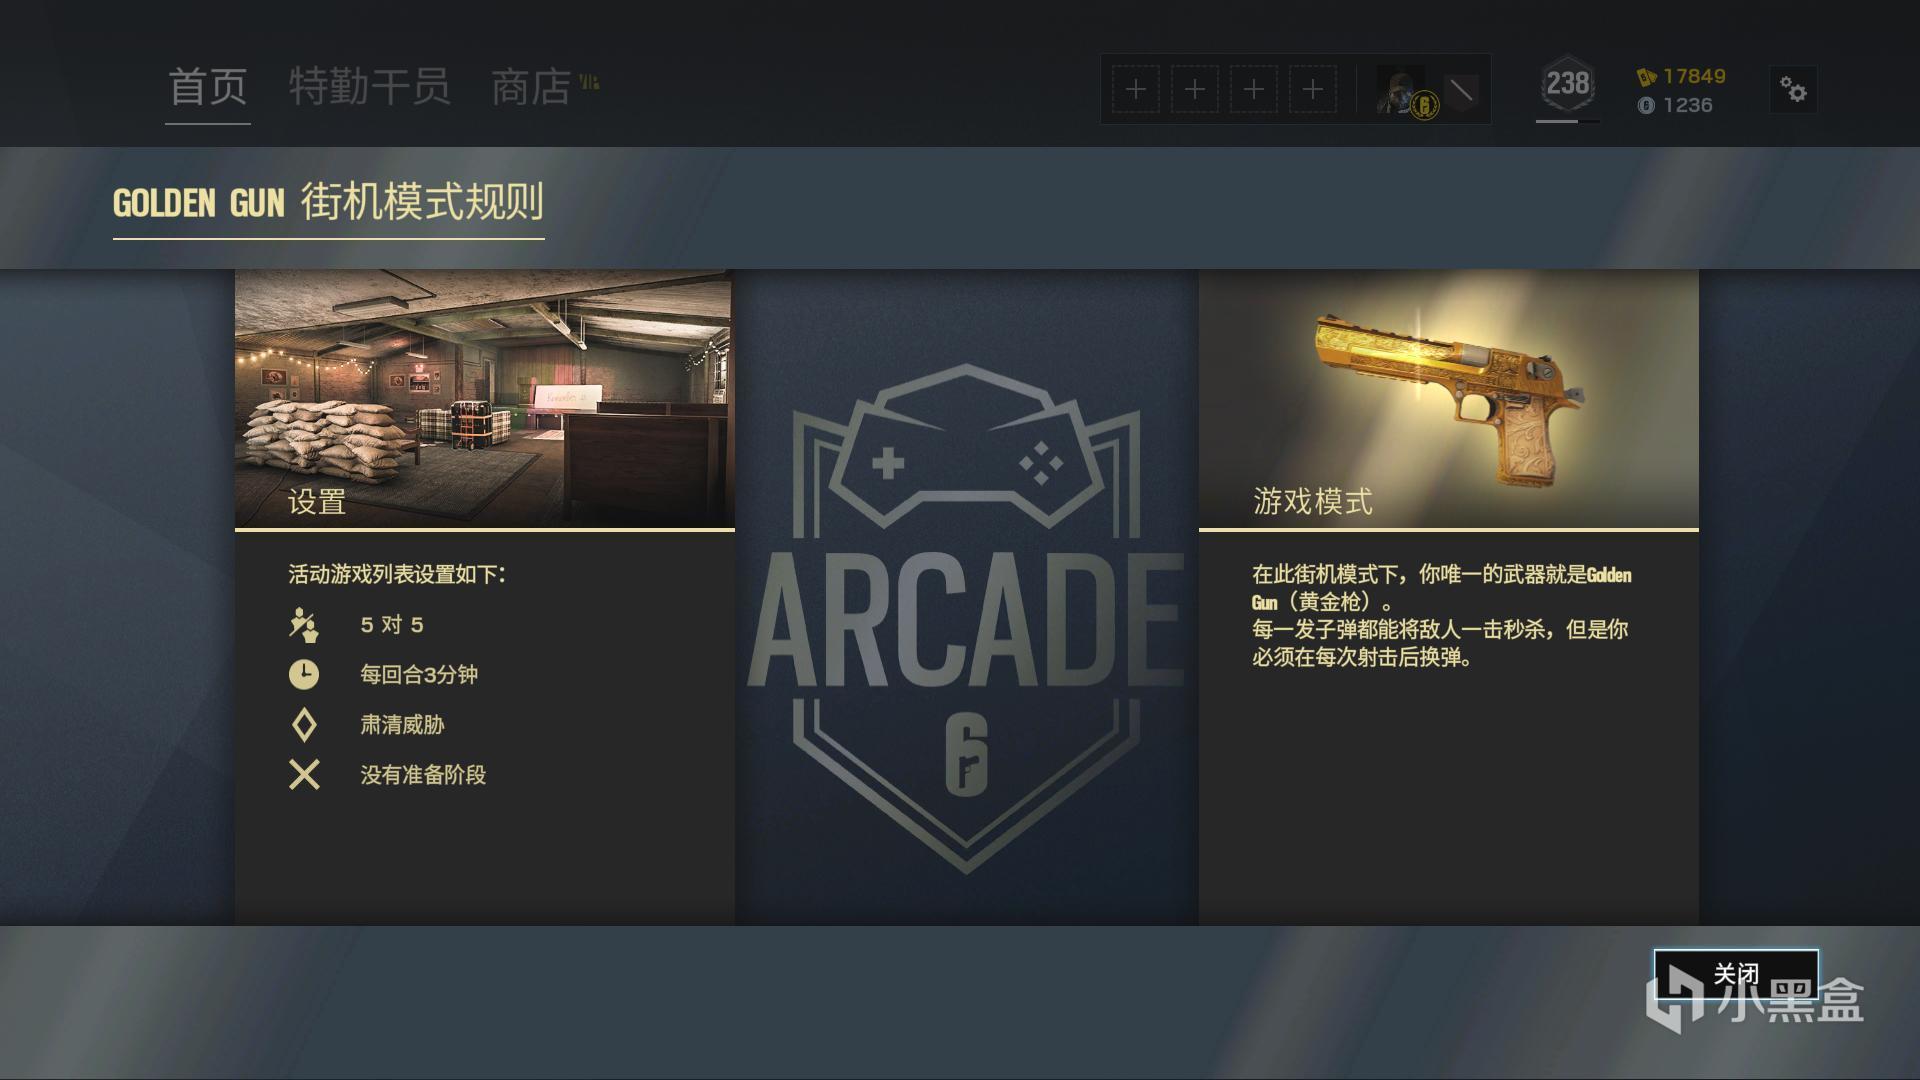 《彩虹六号:围攻》全新街机模式黄金枪2.0现已上线